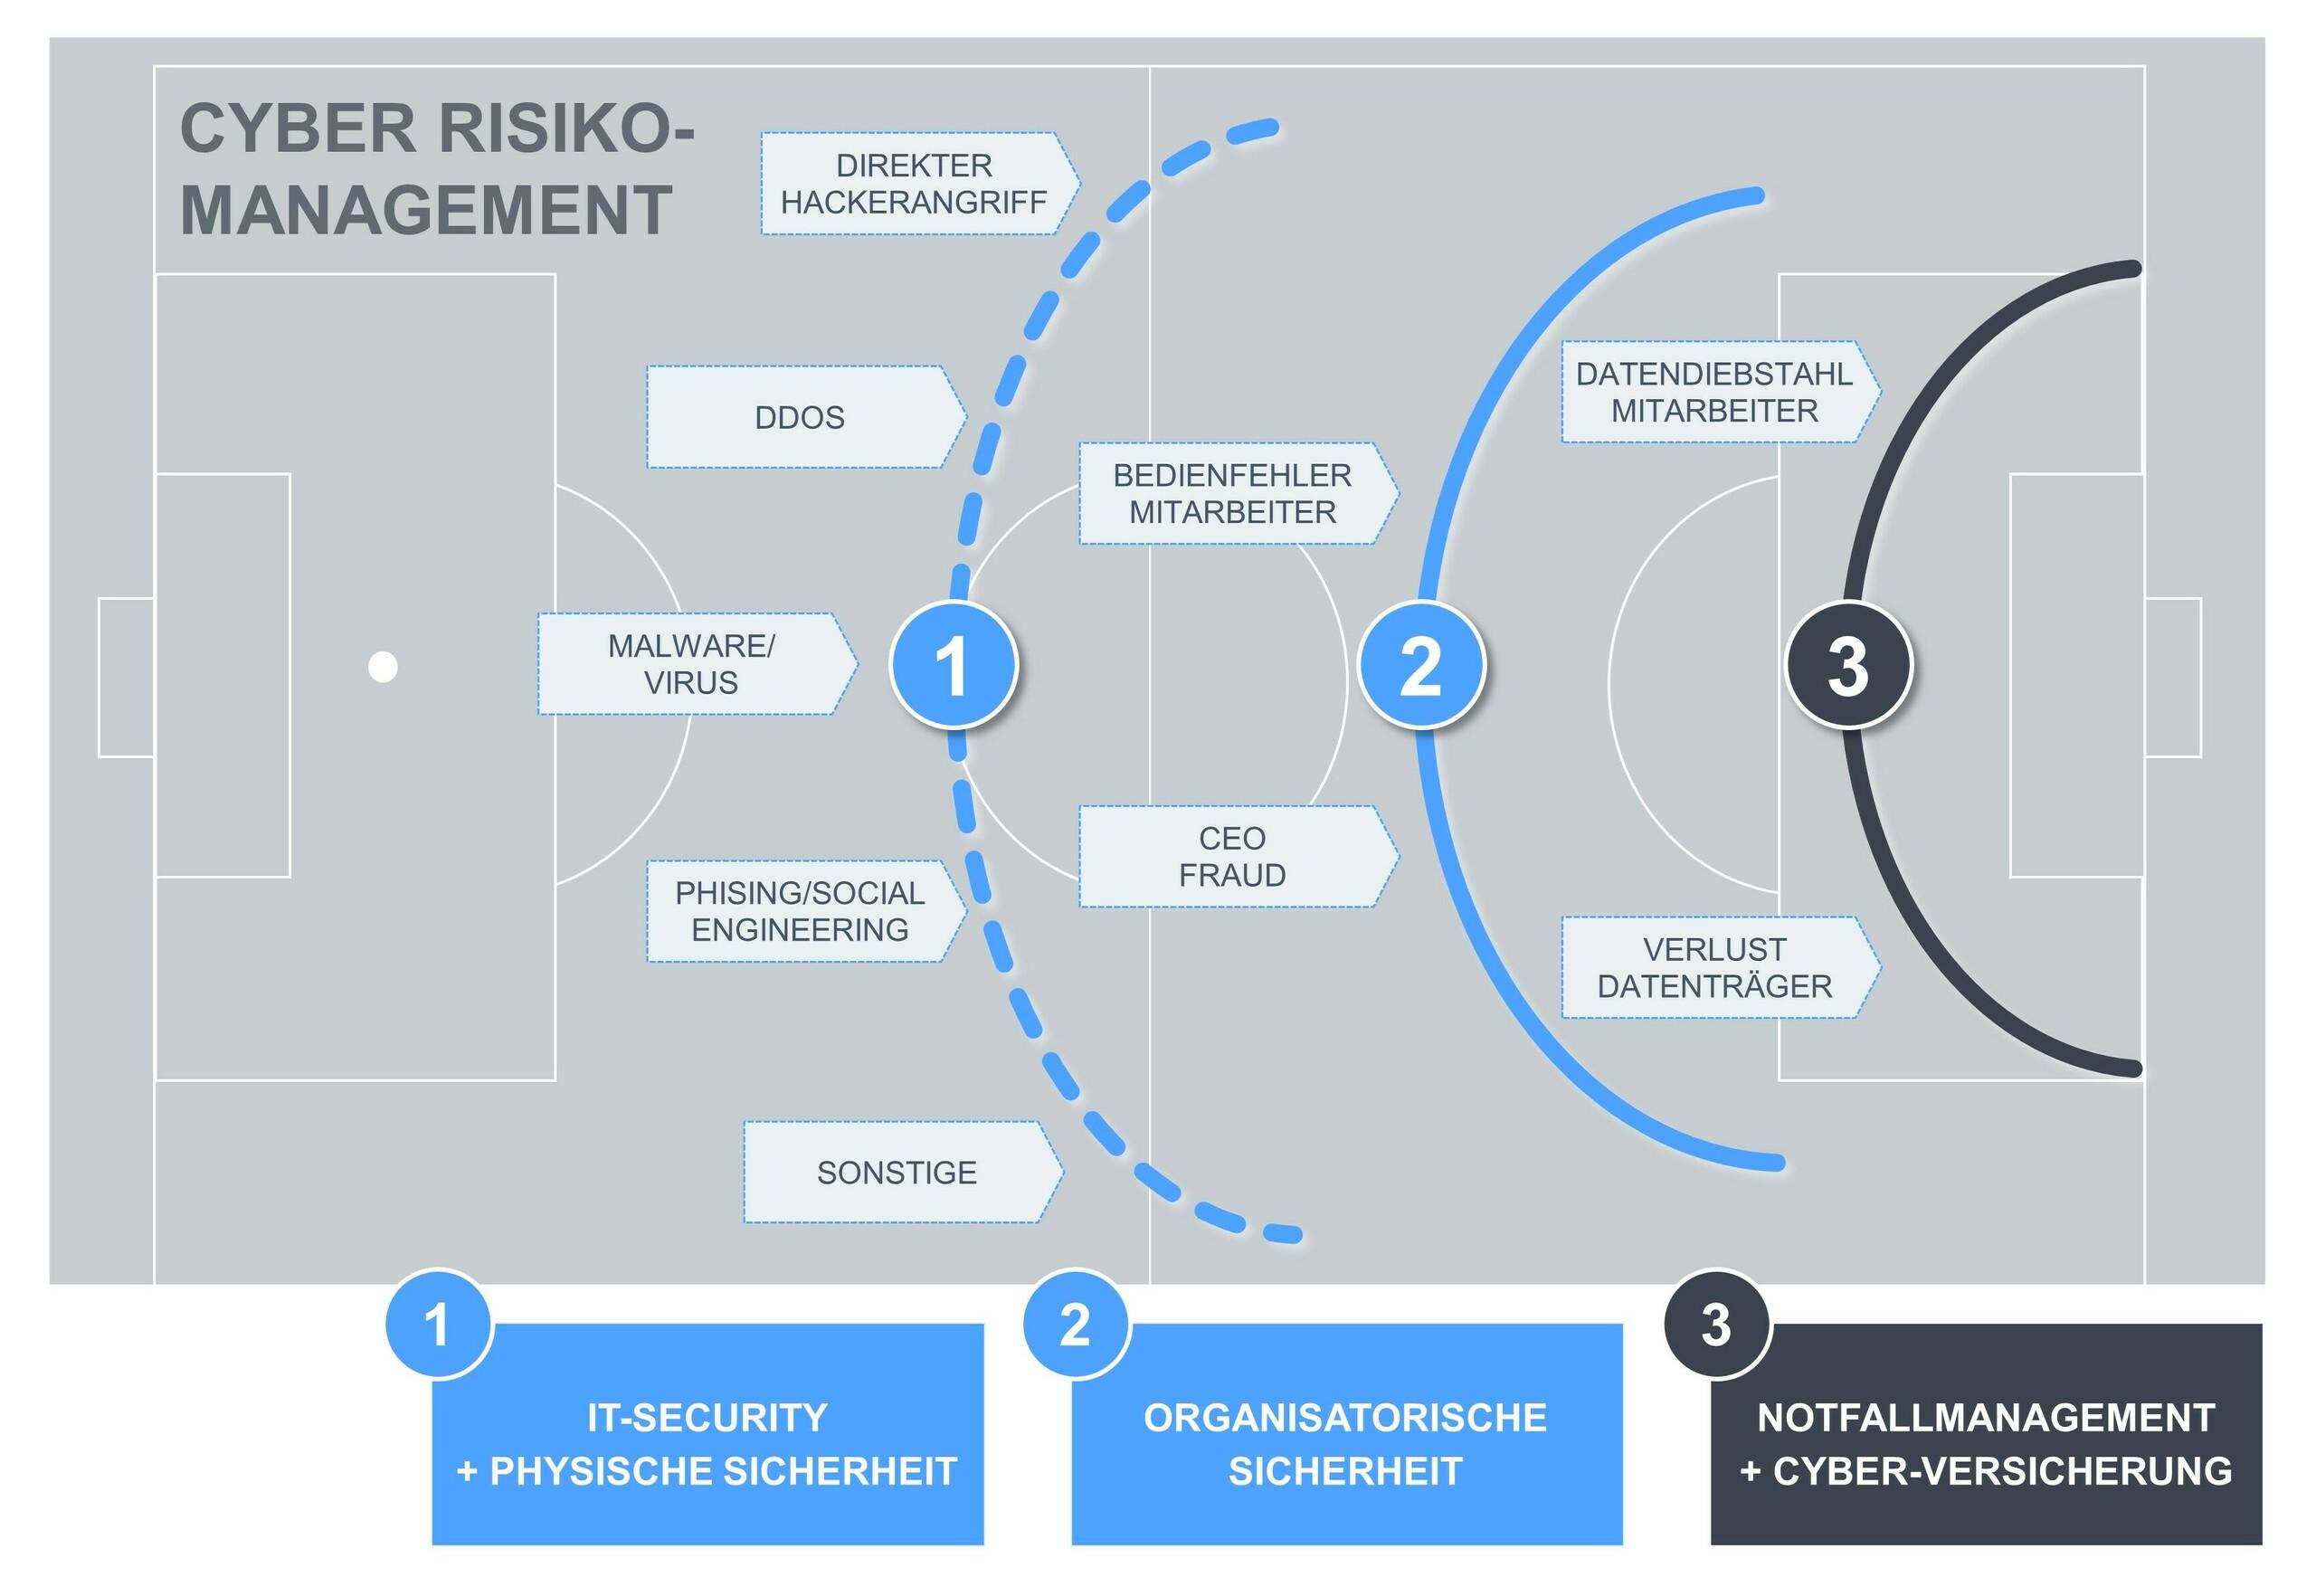 Cyber-Risikomanagement mit drei Abwehrreichen